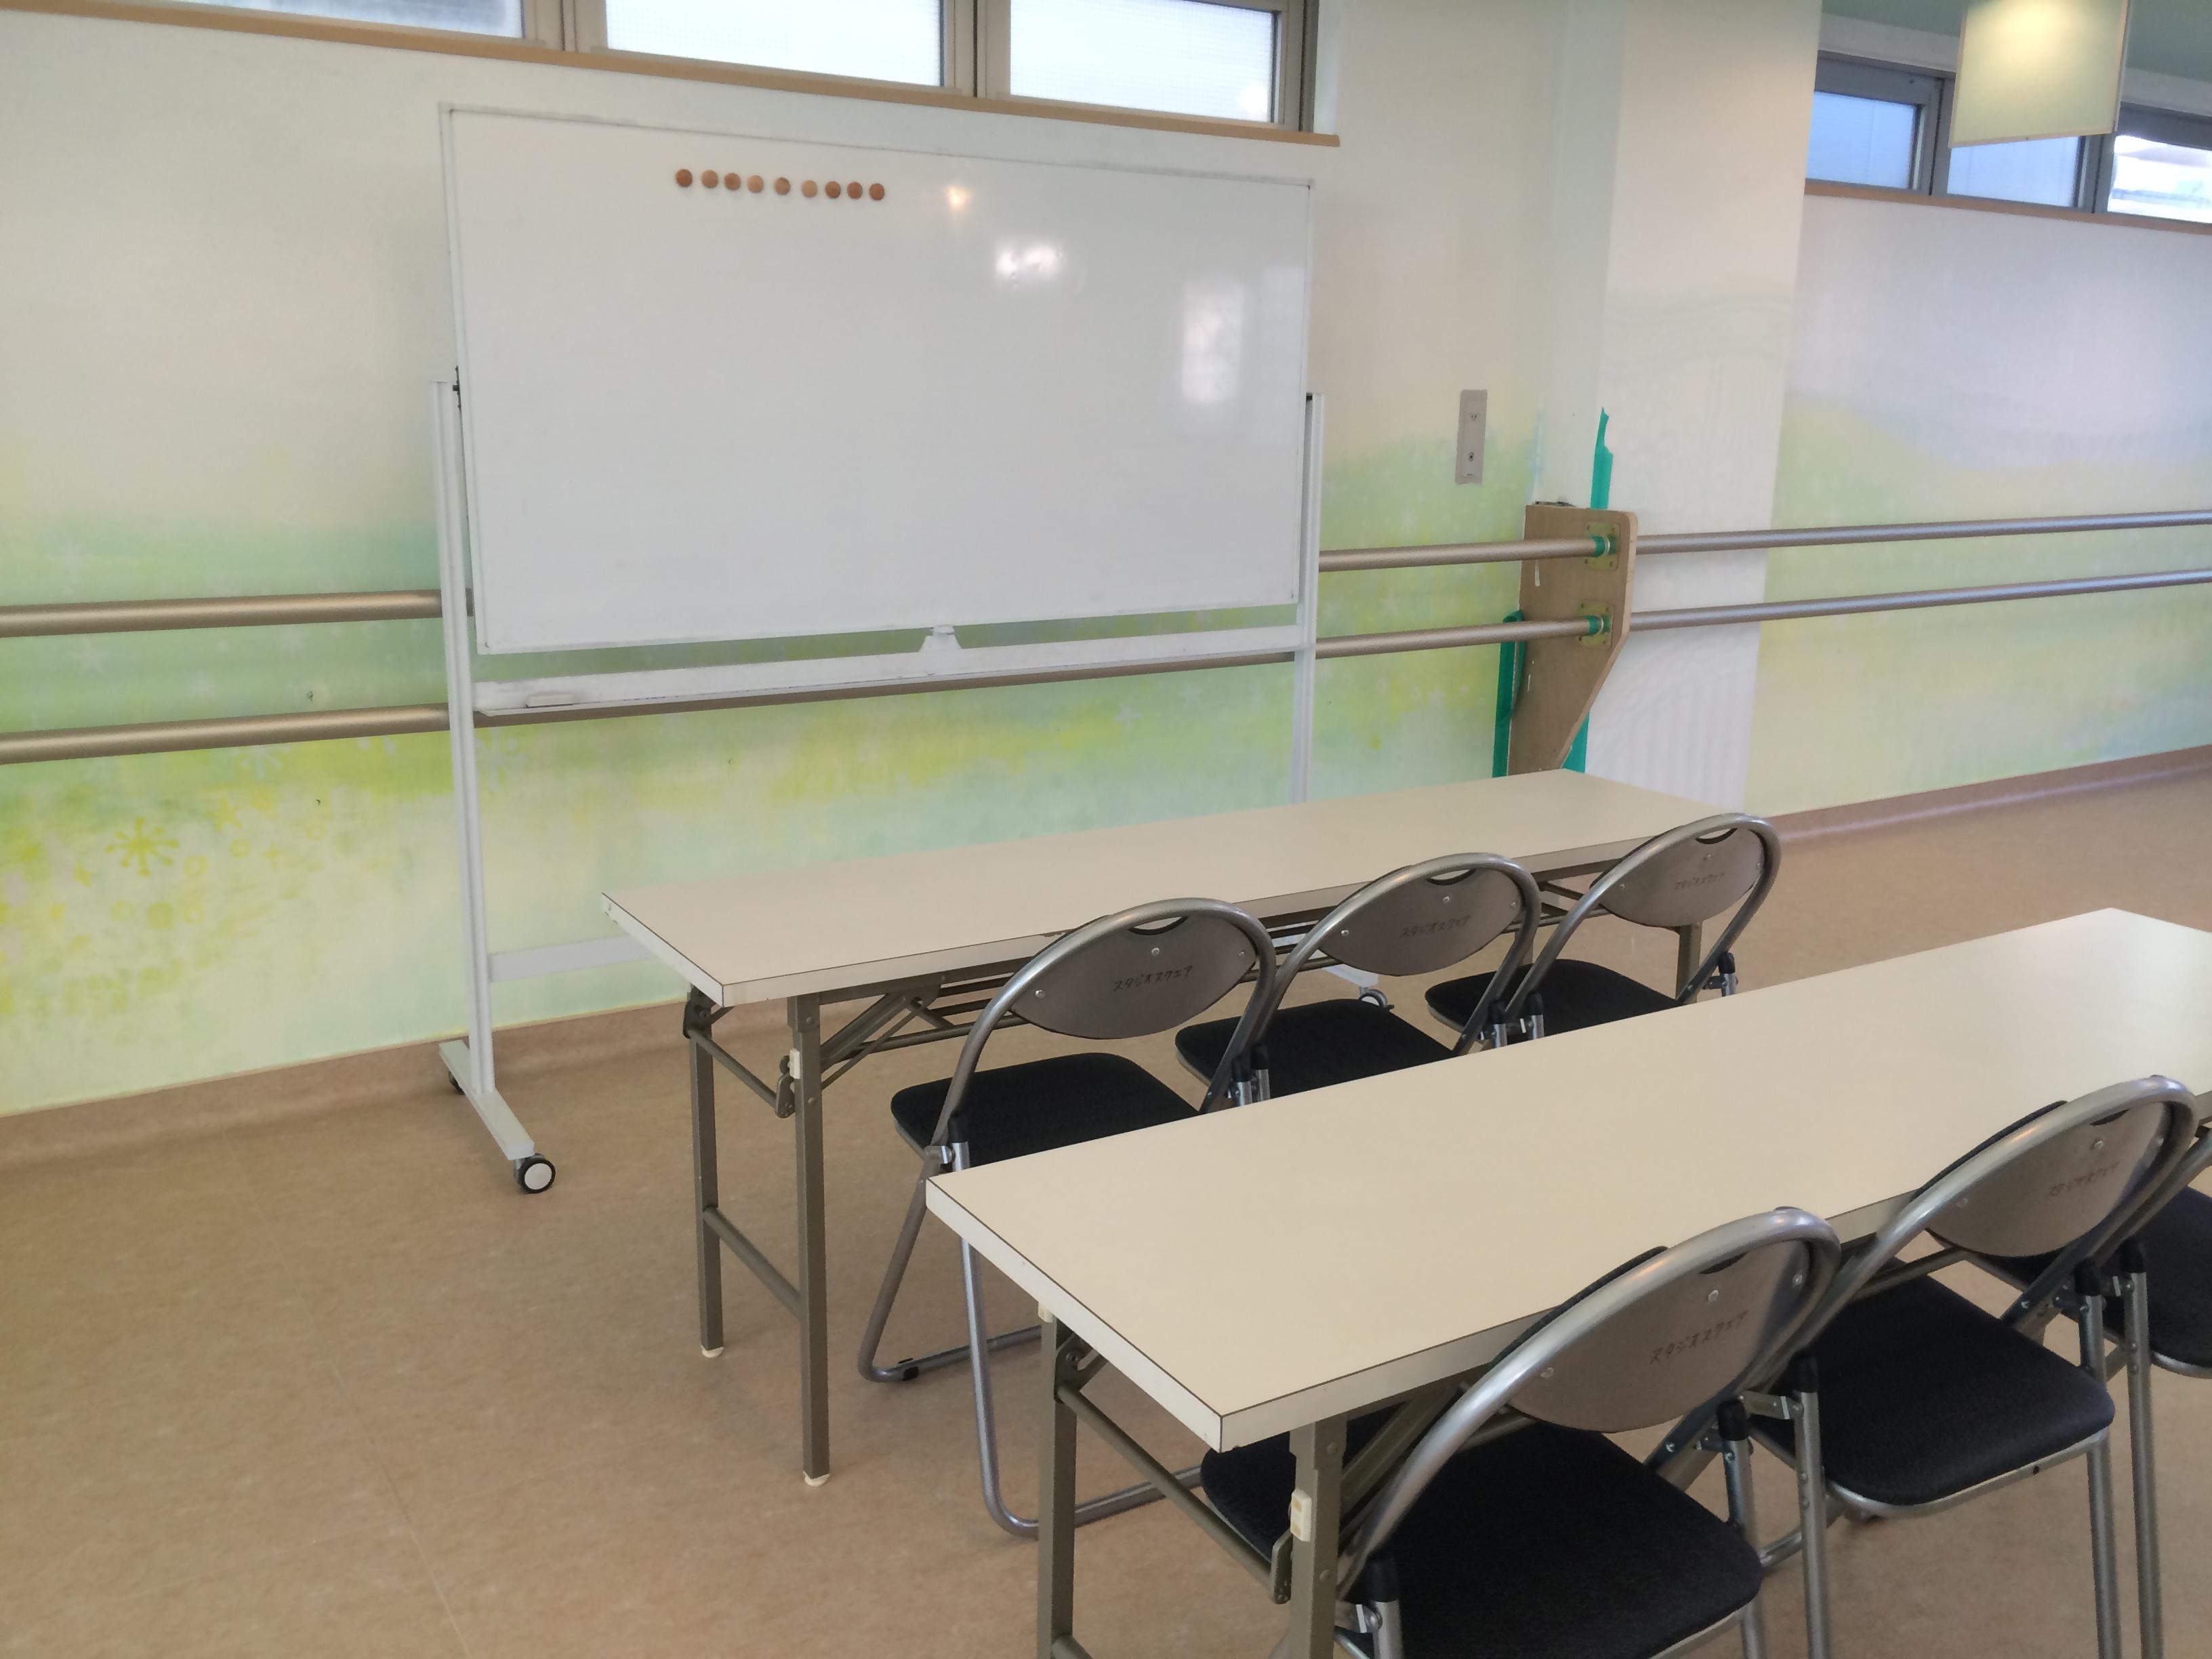 貸し教室 教室開講 英語教室 能力開発 脳トレ 杉並スタジオ 世田谷スタジオ